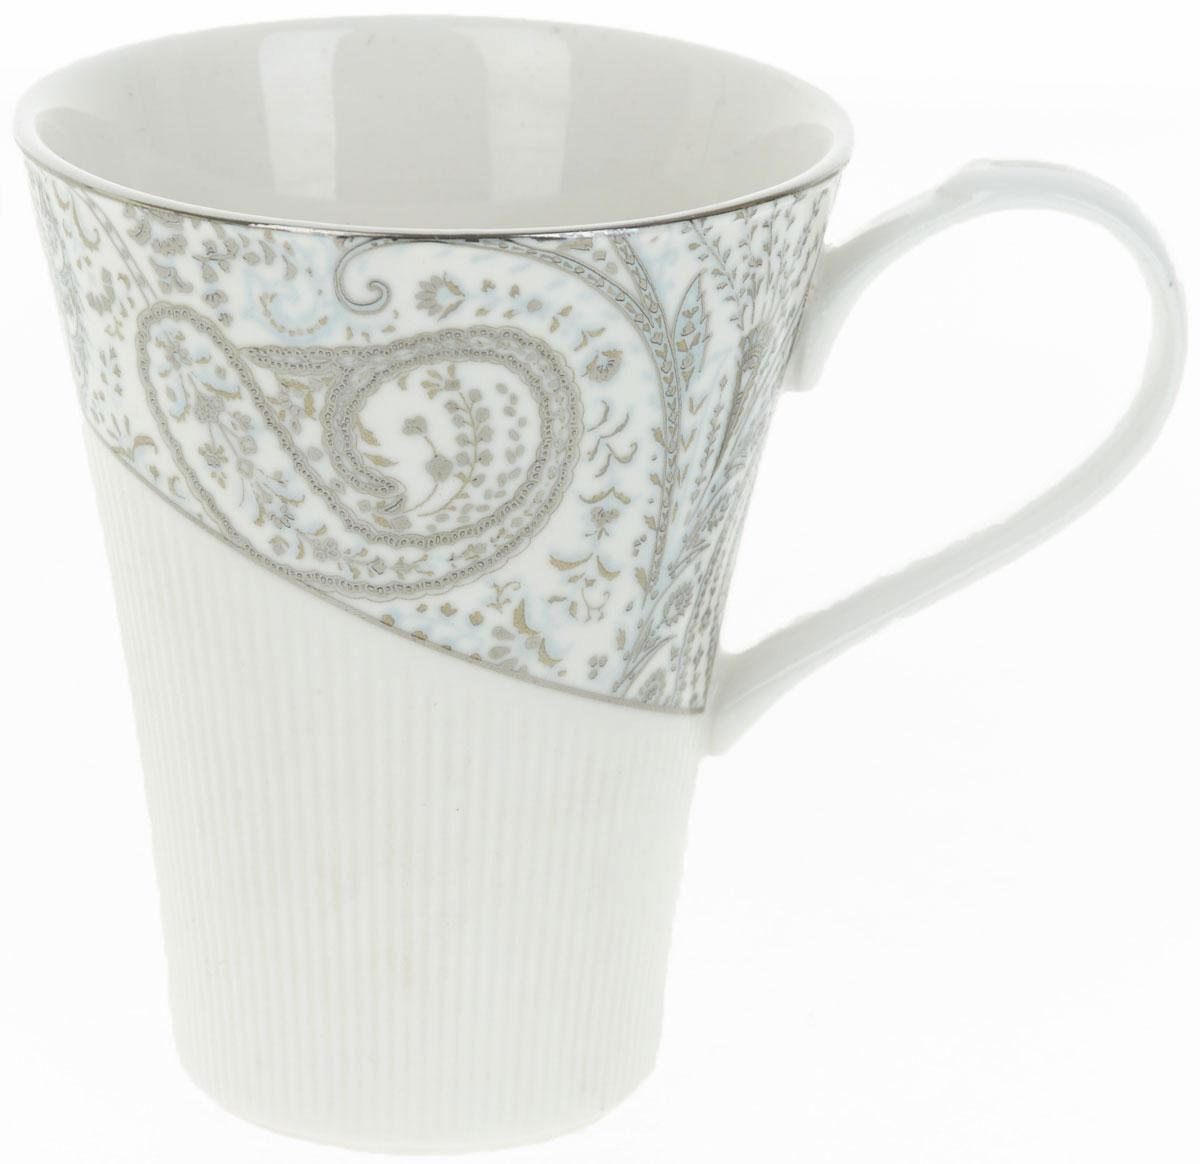 Кружка BHP Вавилон, 370 мл115510Оригинальная кружка Best Home Porcelain, выполненная из высококачественного фарфора, сочетает в себе простой, утонченный дизайн с максимальной функциональностью. Оригинальность оформления придется по вкусу тем, кто ценит индивидуальность.Можно использовать в посудомоечной машине.